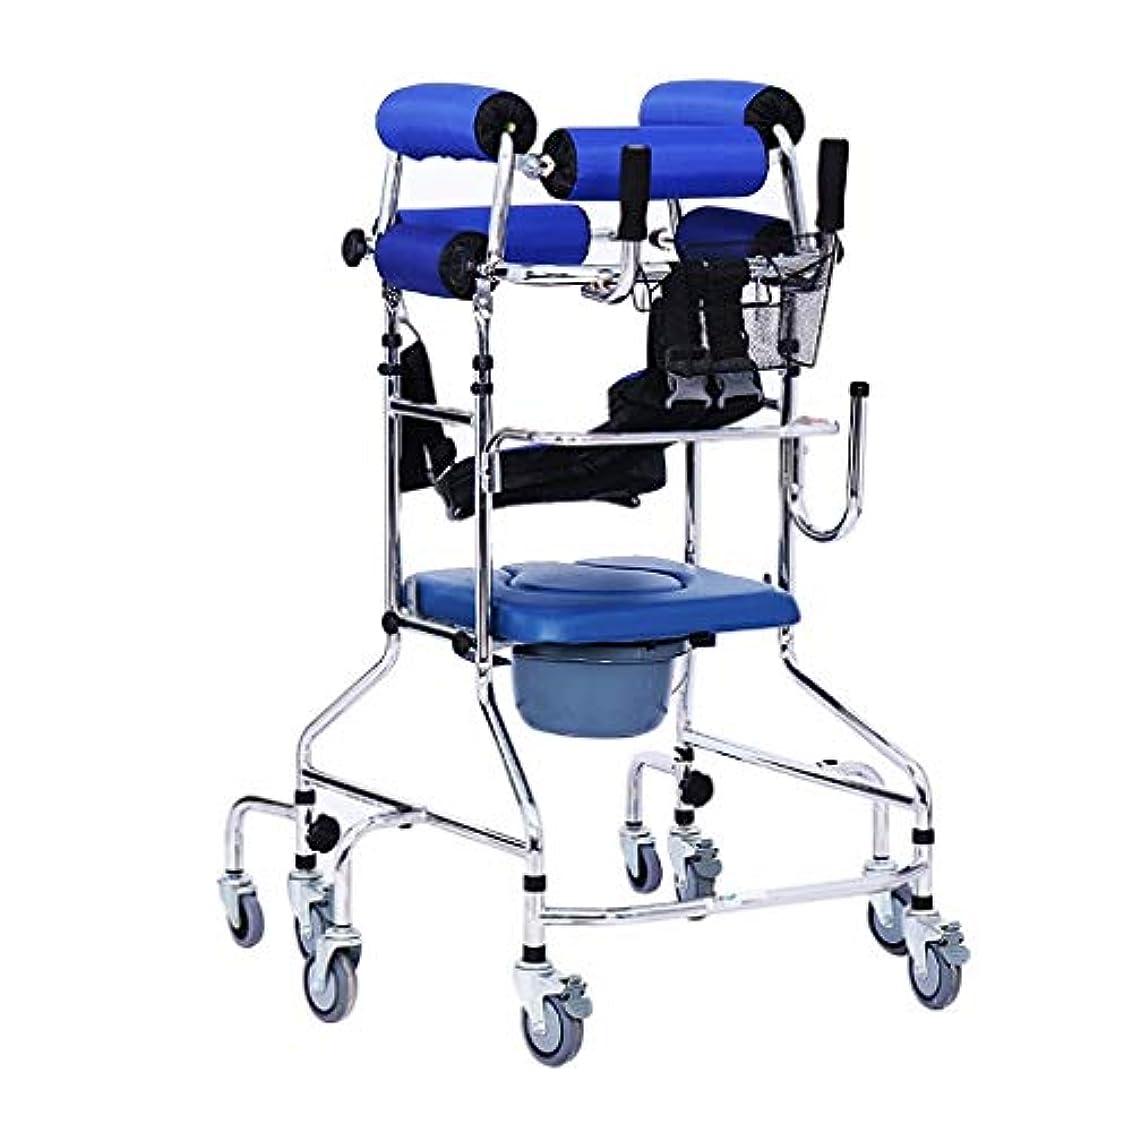 朝食を食べるウミウシみぞれBNSDMM 步行器 ウォーカー - 高齢者障害者用補助付きスタンドスクータートイレ8ラウンド - 後退防止プラストイレタイプ下肢トレーニングリハビリ機器高齢者歩行者